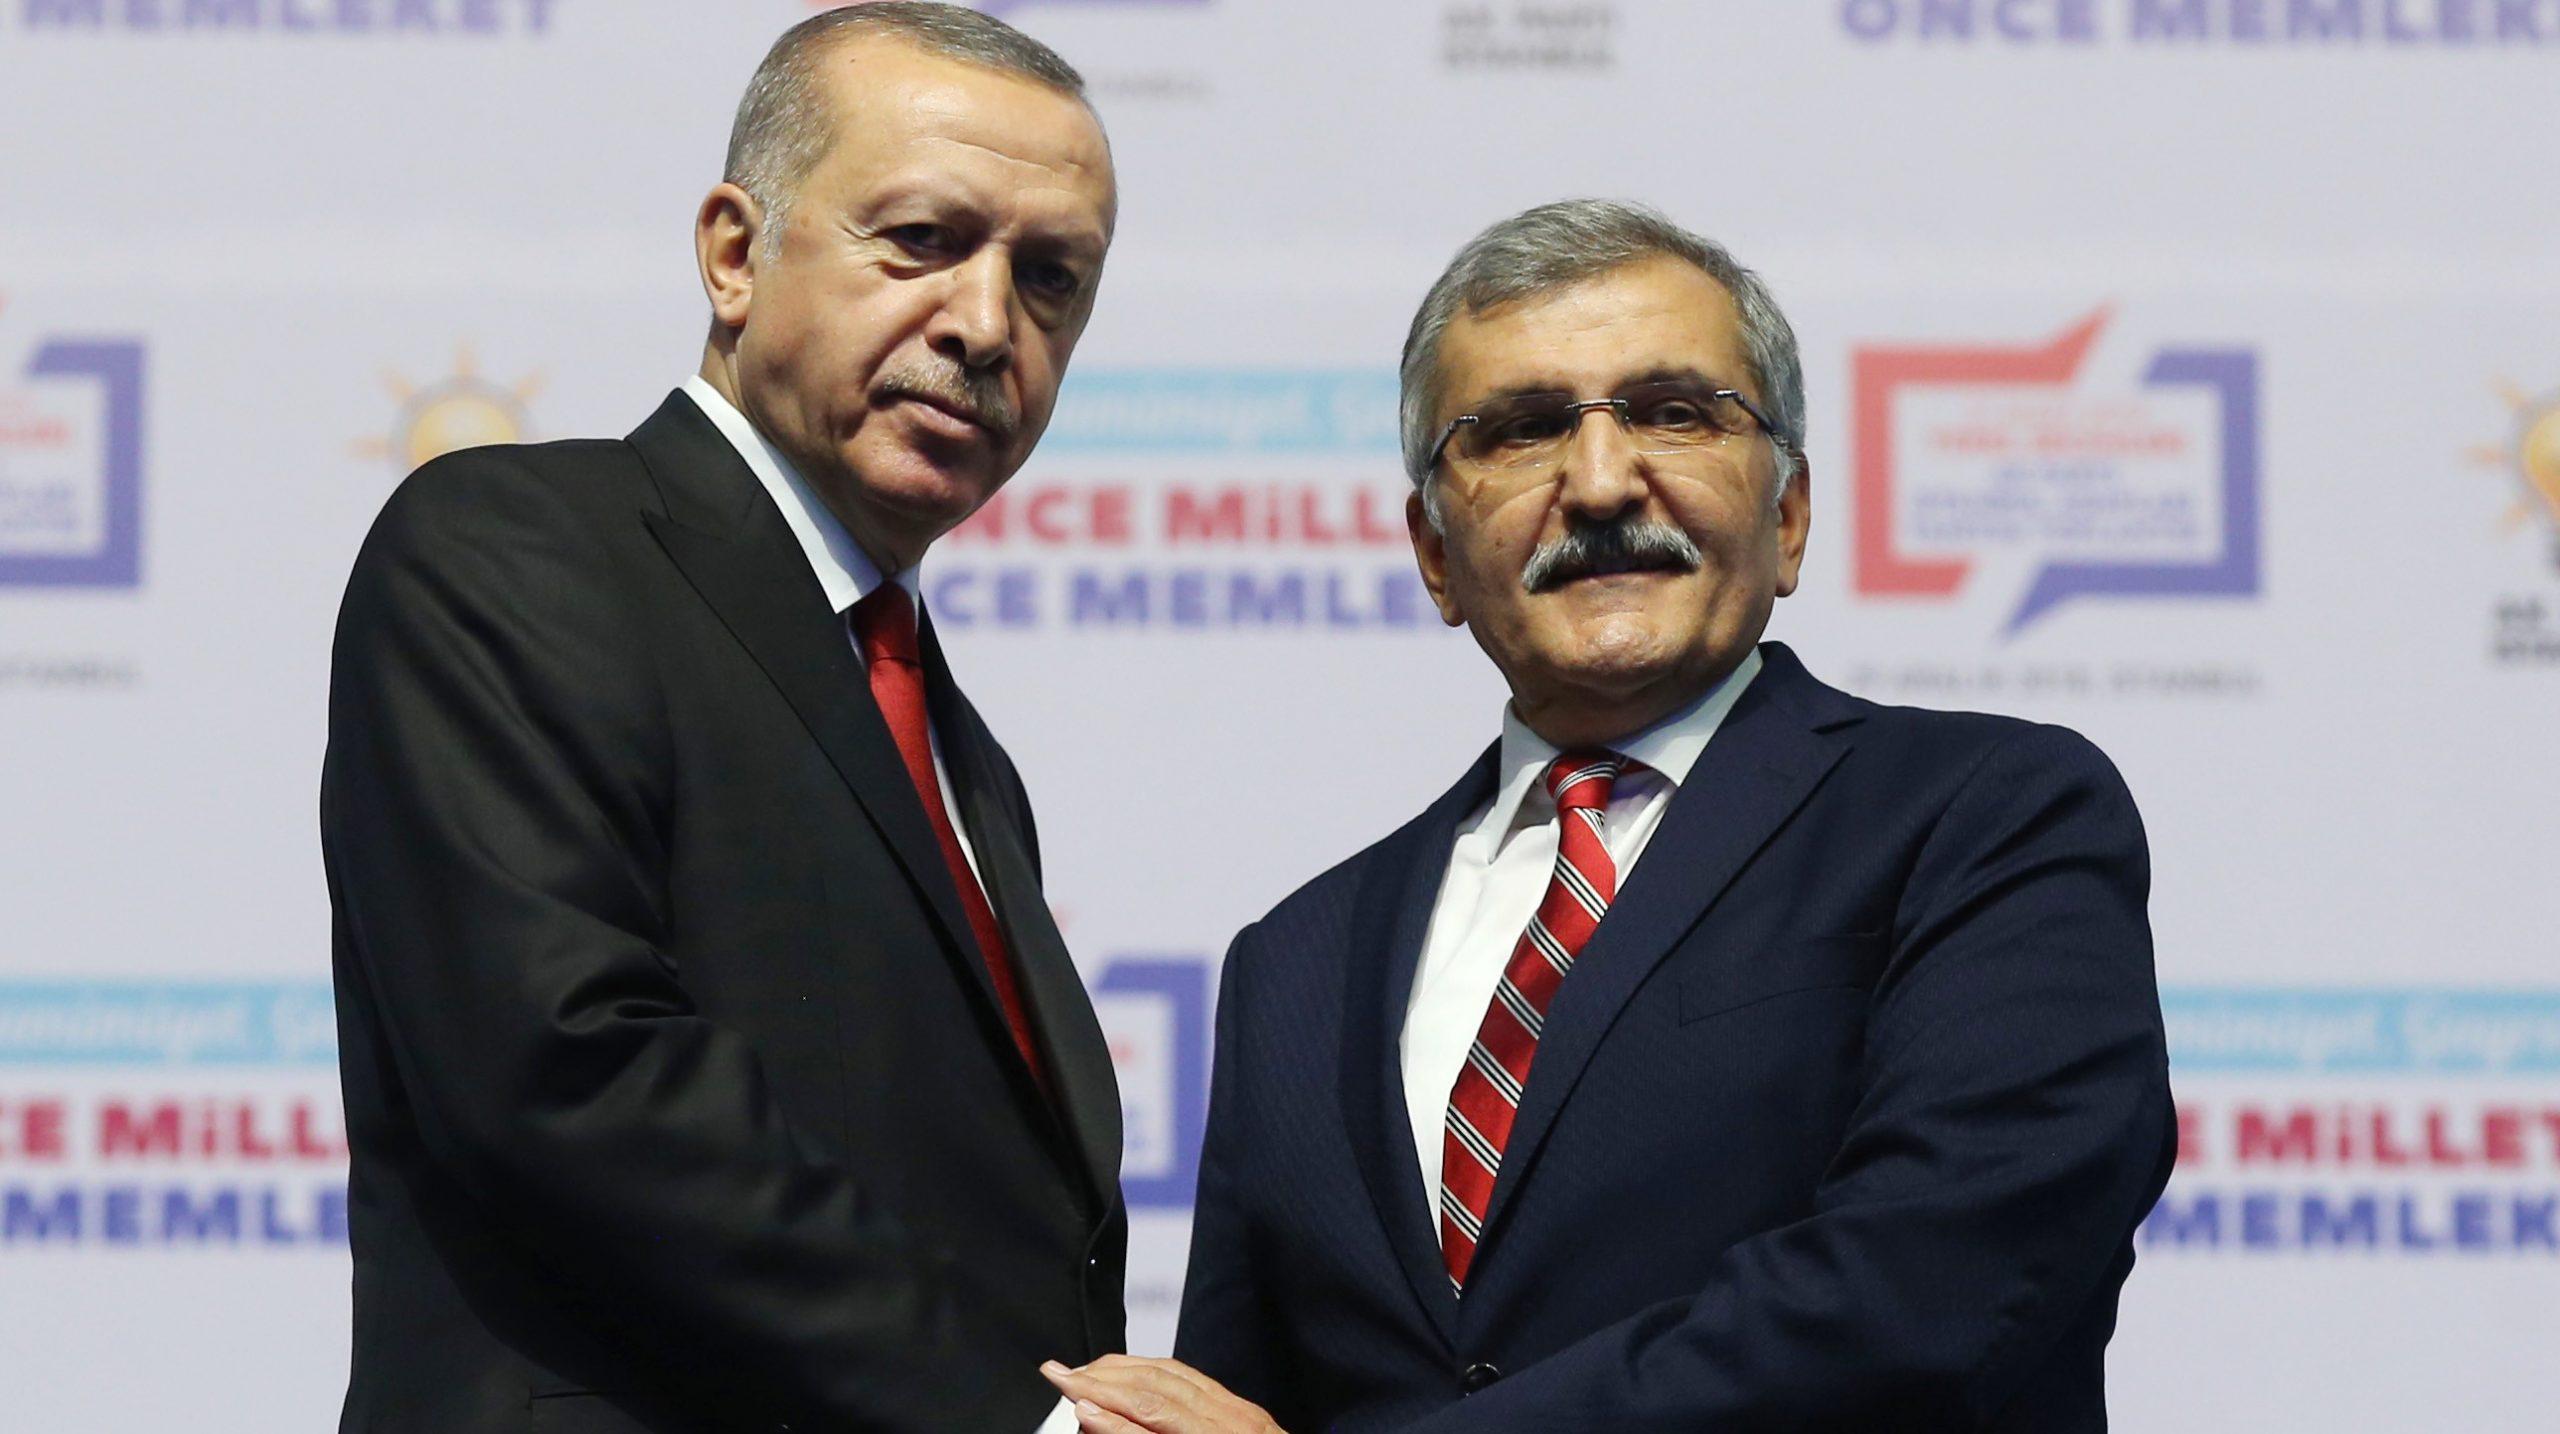 Cumhurbaşkanı Erdoğan: İhaleleri şeffaf bir şekilde gerçekleştirin!